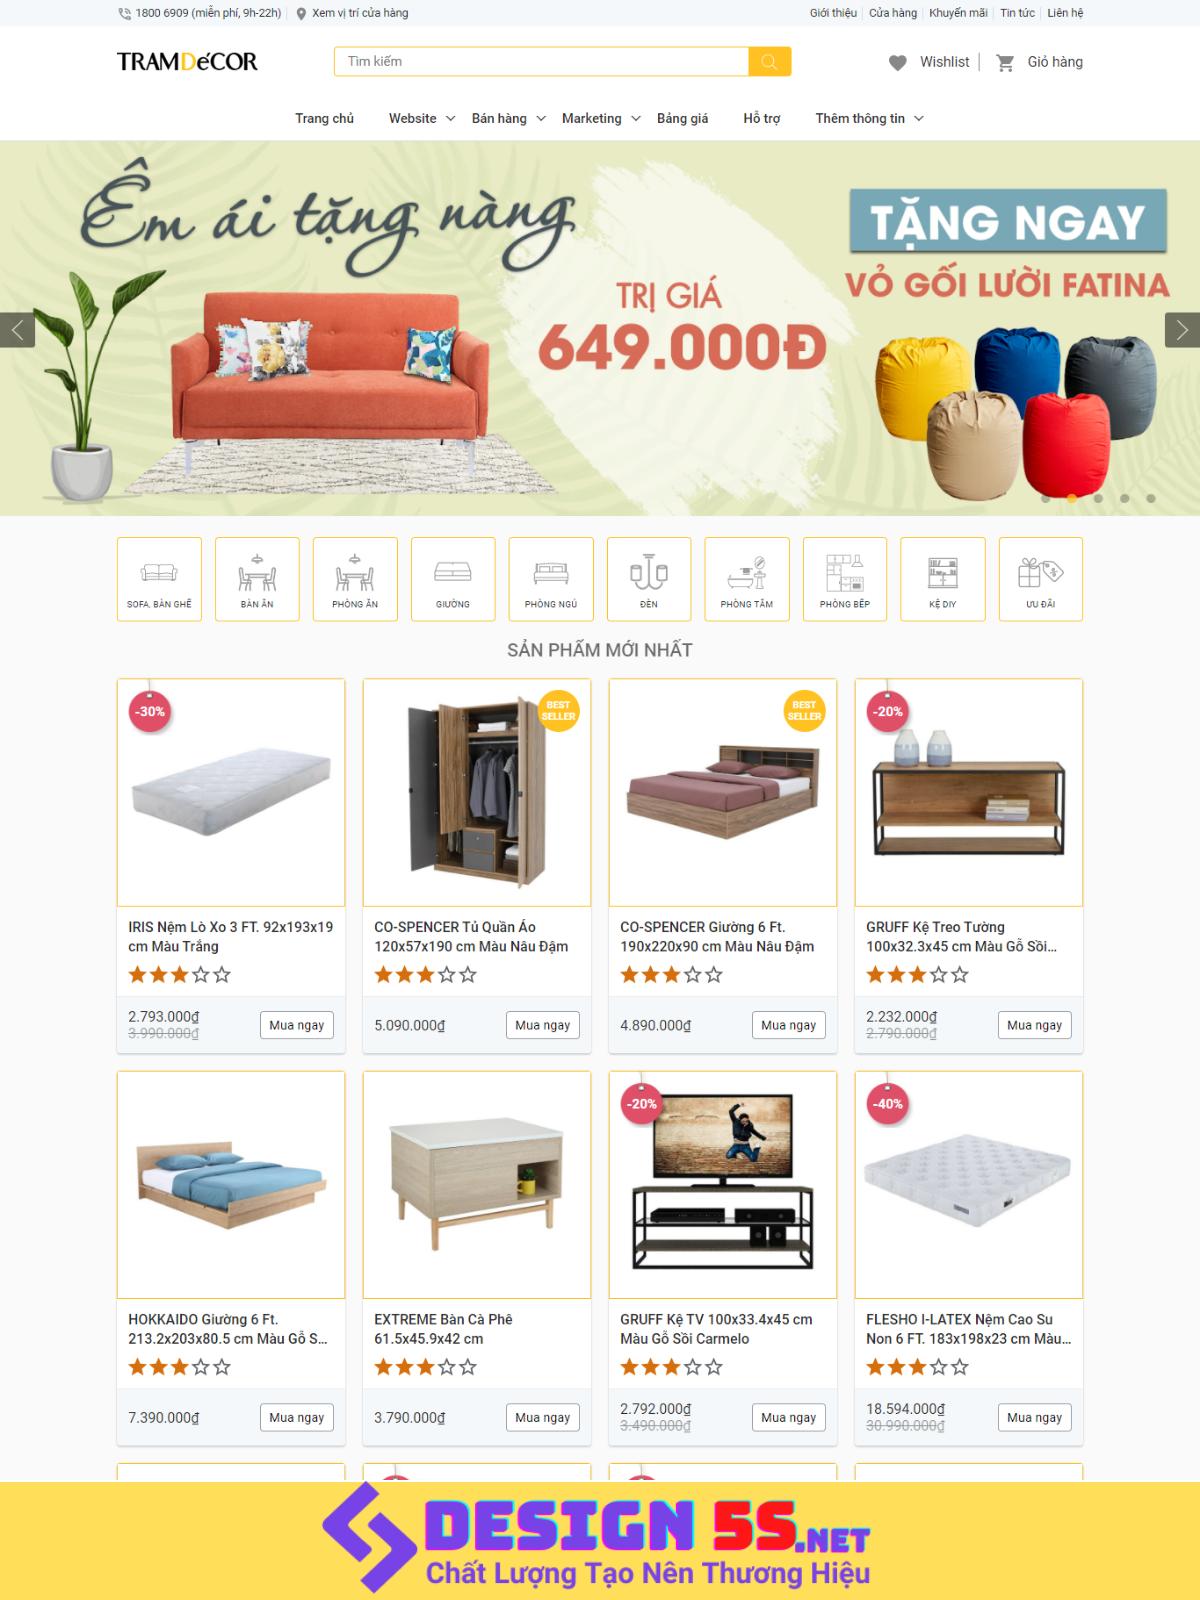 Theme blogspot bán hàng nội thất đẹp chuẩn seo VSM13 - Ảnh 1